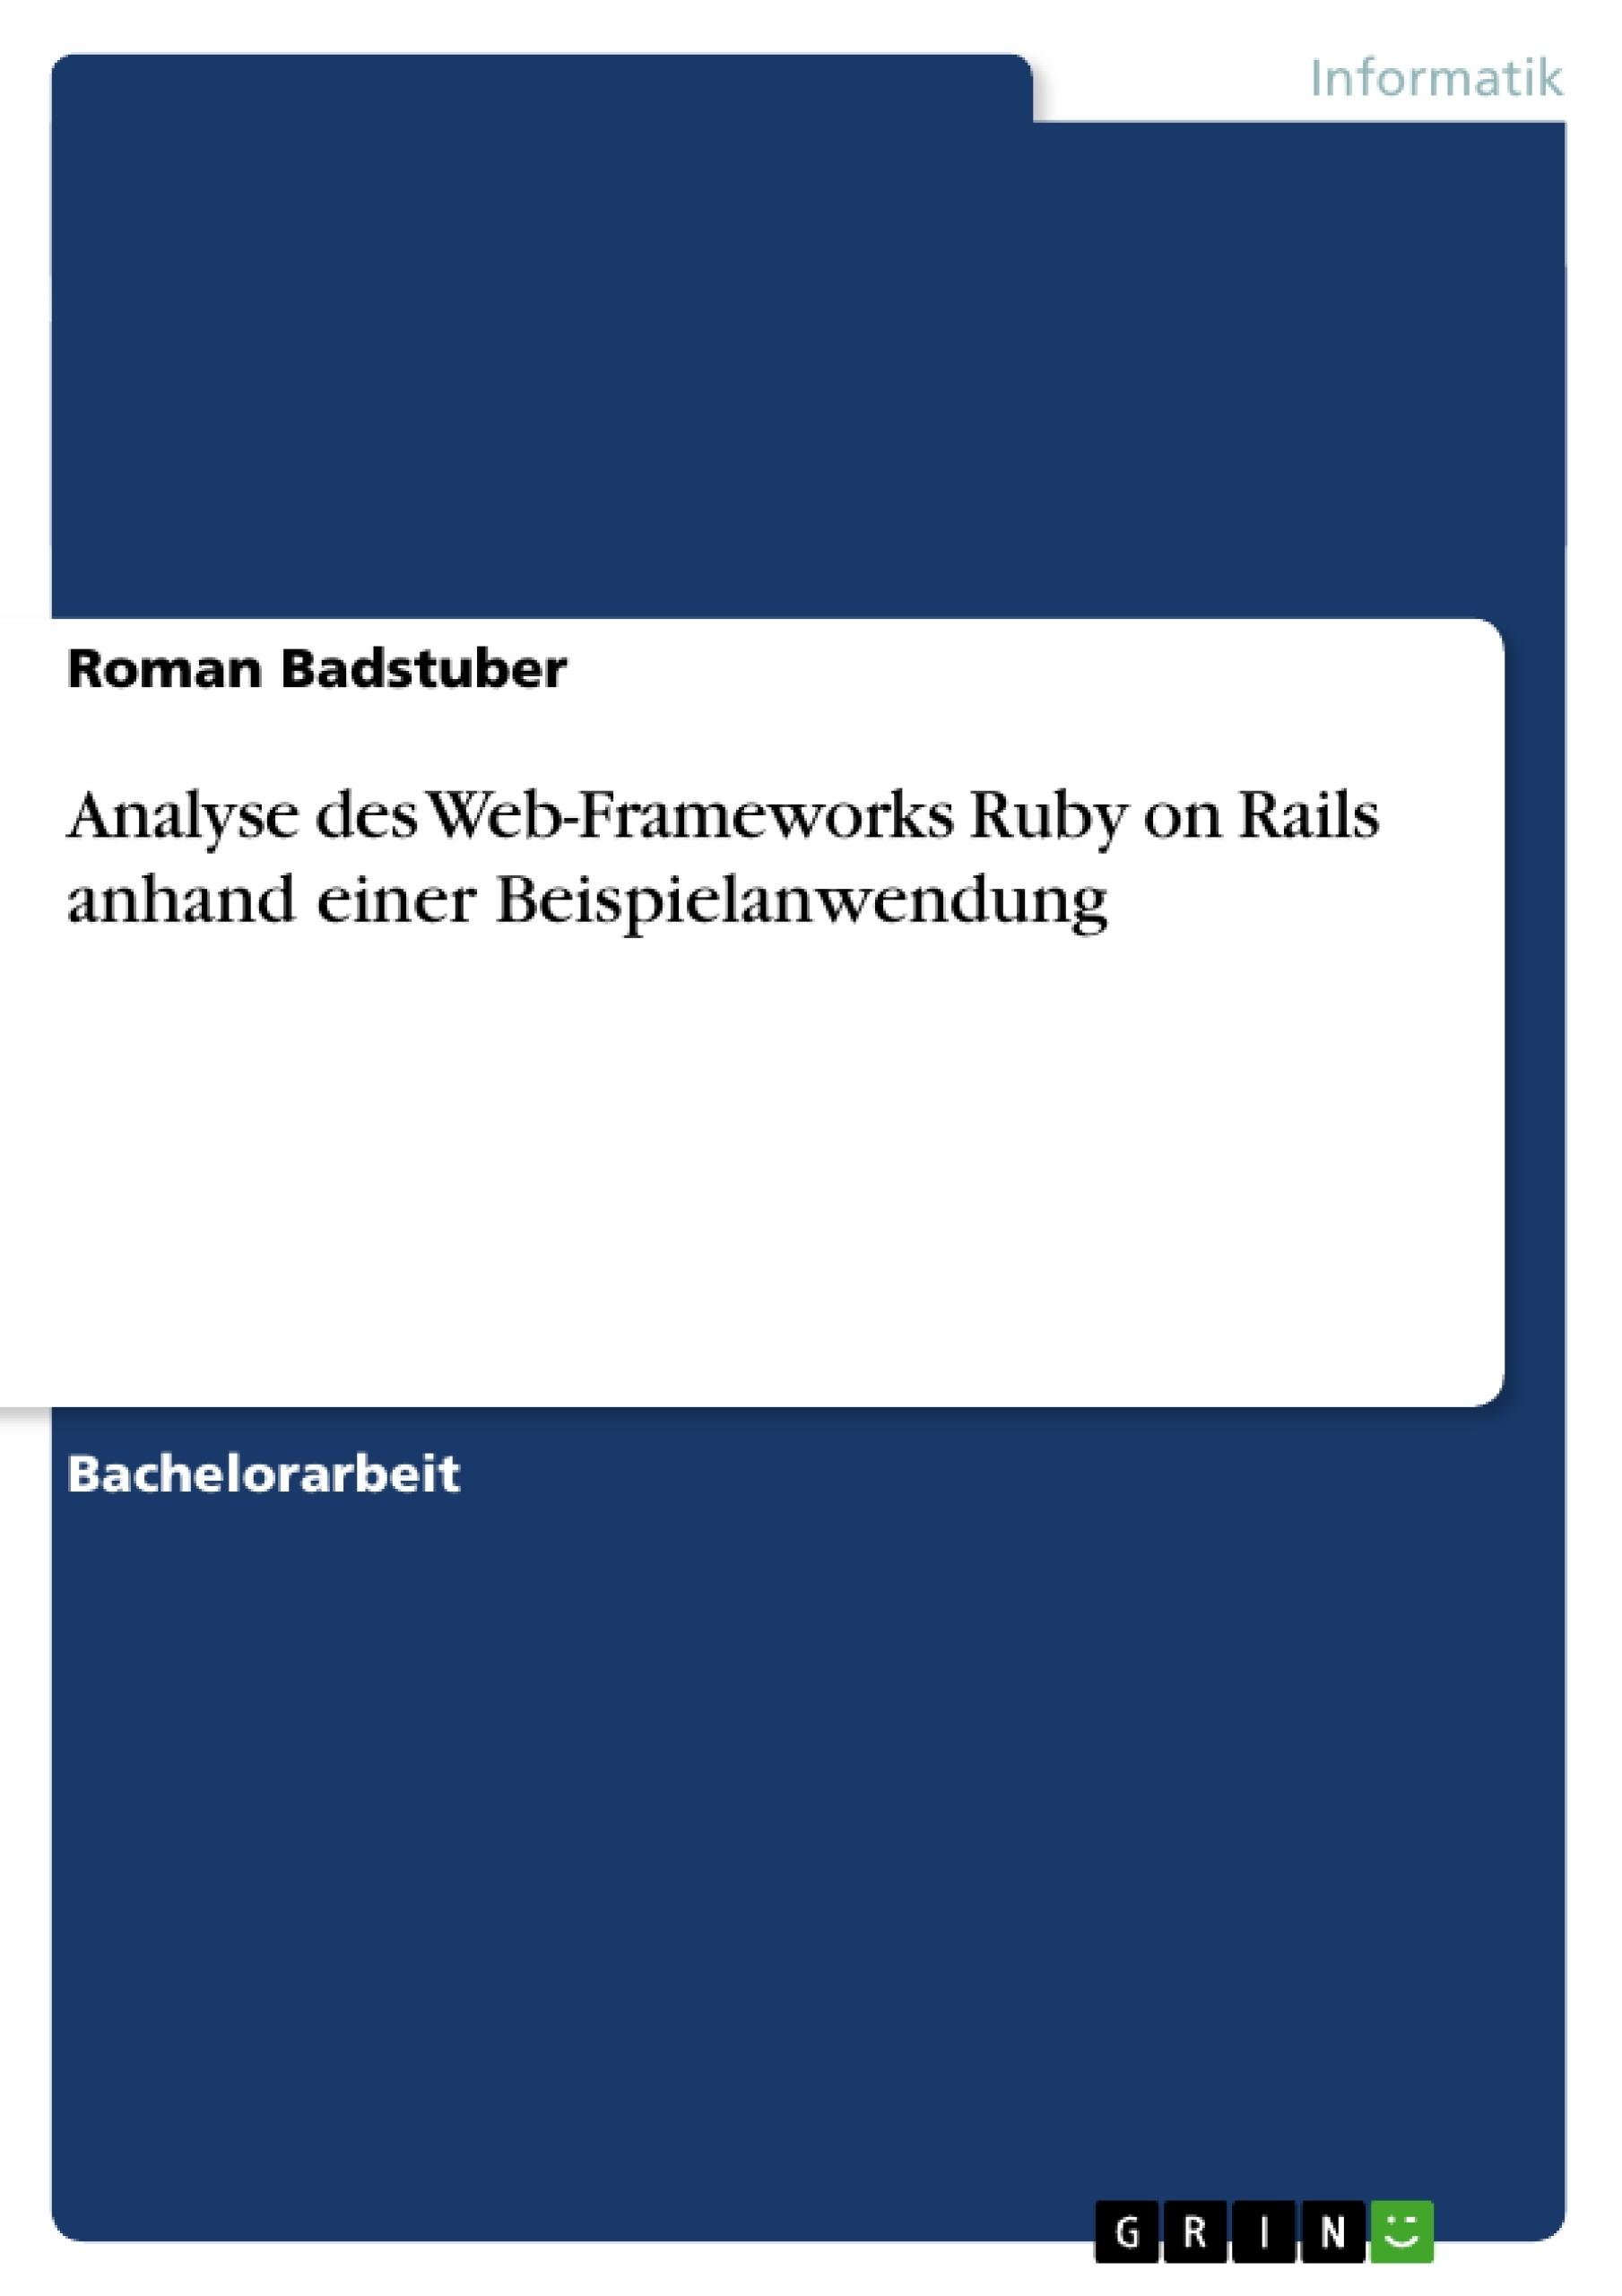 Titel: Analyse des Web-Frameworks Ruby on Rails anhand einer Beispielanwendung